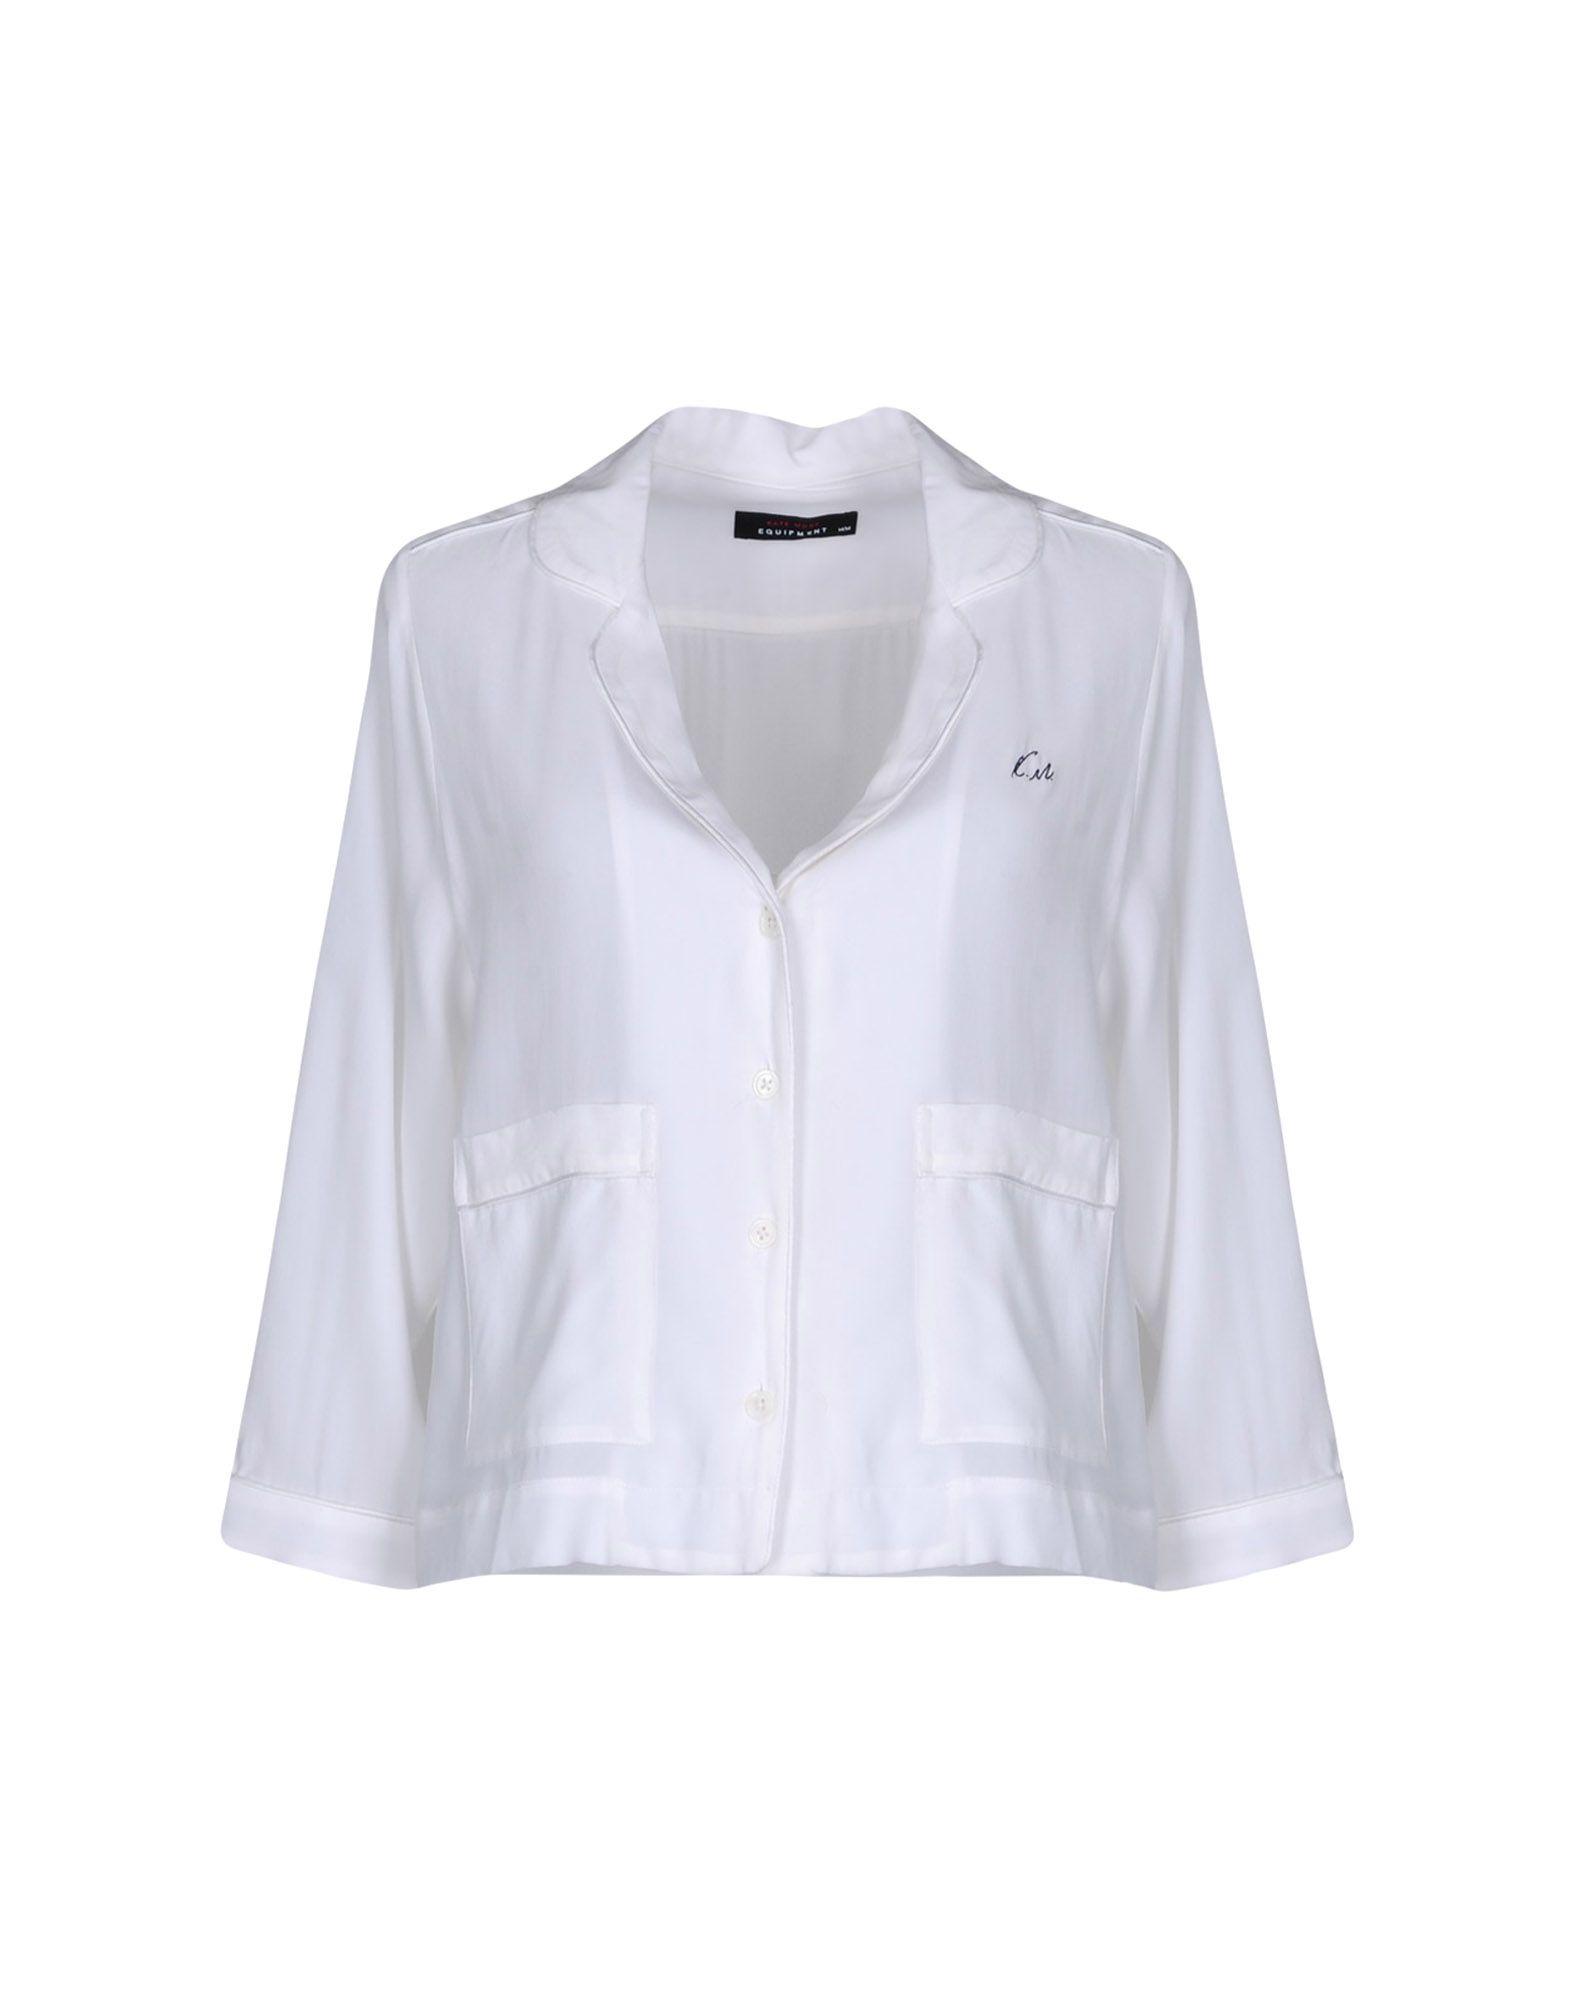 《送料無料》KATE MOSS EQUIPMENT レディース シャツ ホワイト M シルク 100%